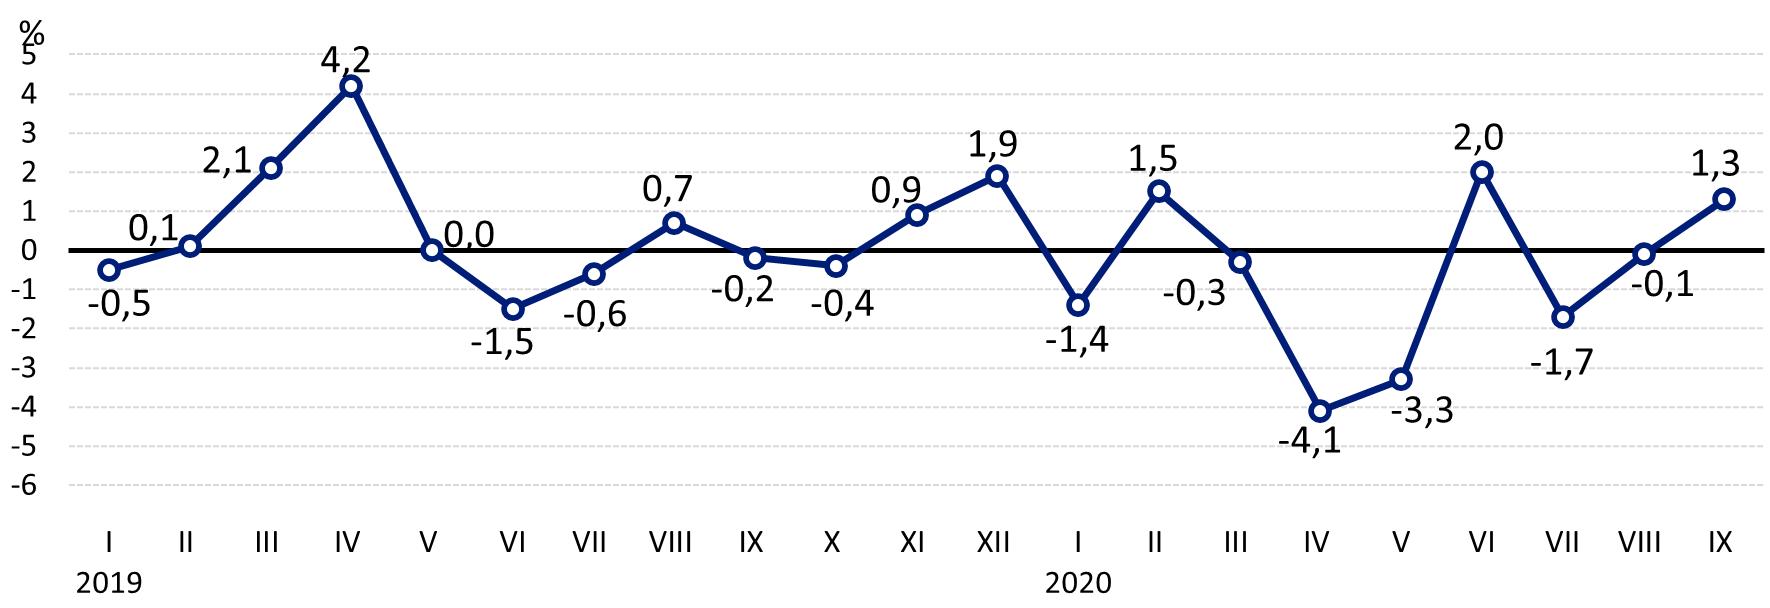 Zmiany cen skupu podstawowych produktów rolnych do poprzedniego miesiąca - wrzesień 2020